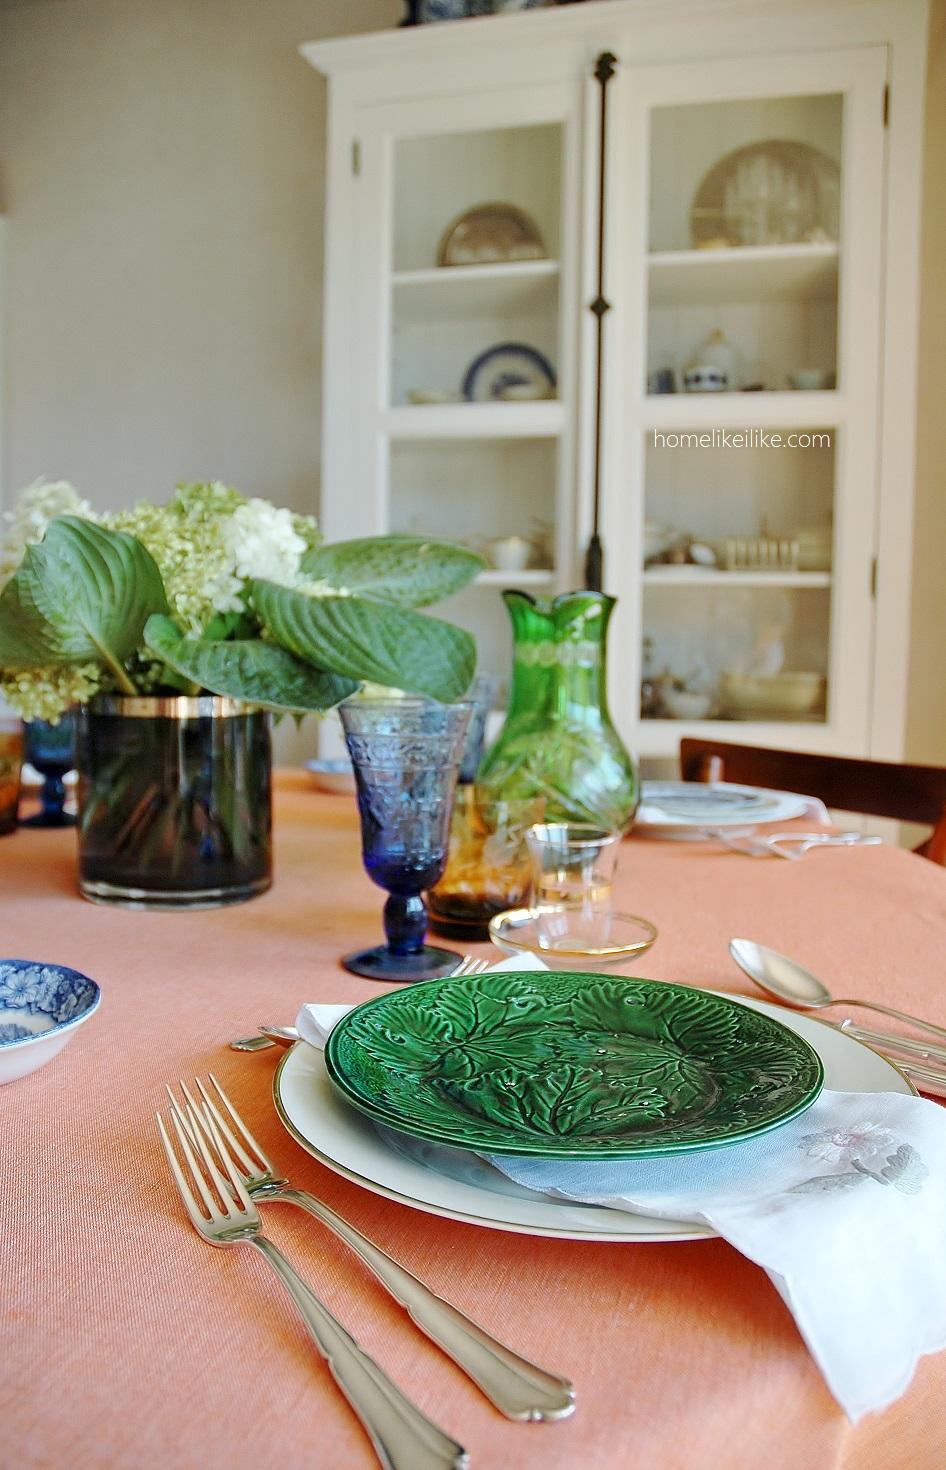 dinner room - homelikeilike.com